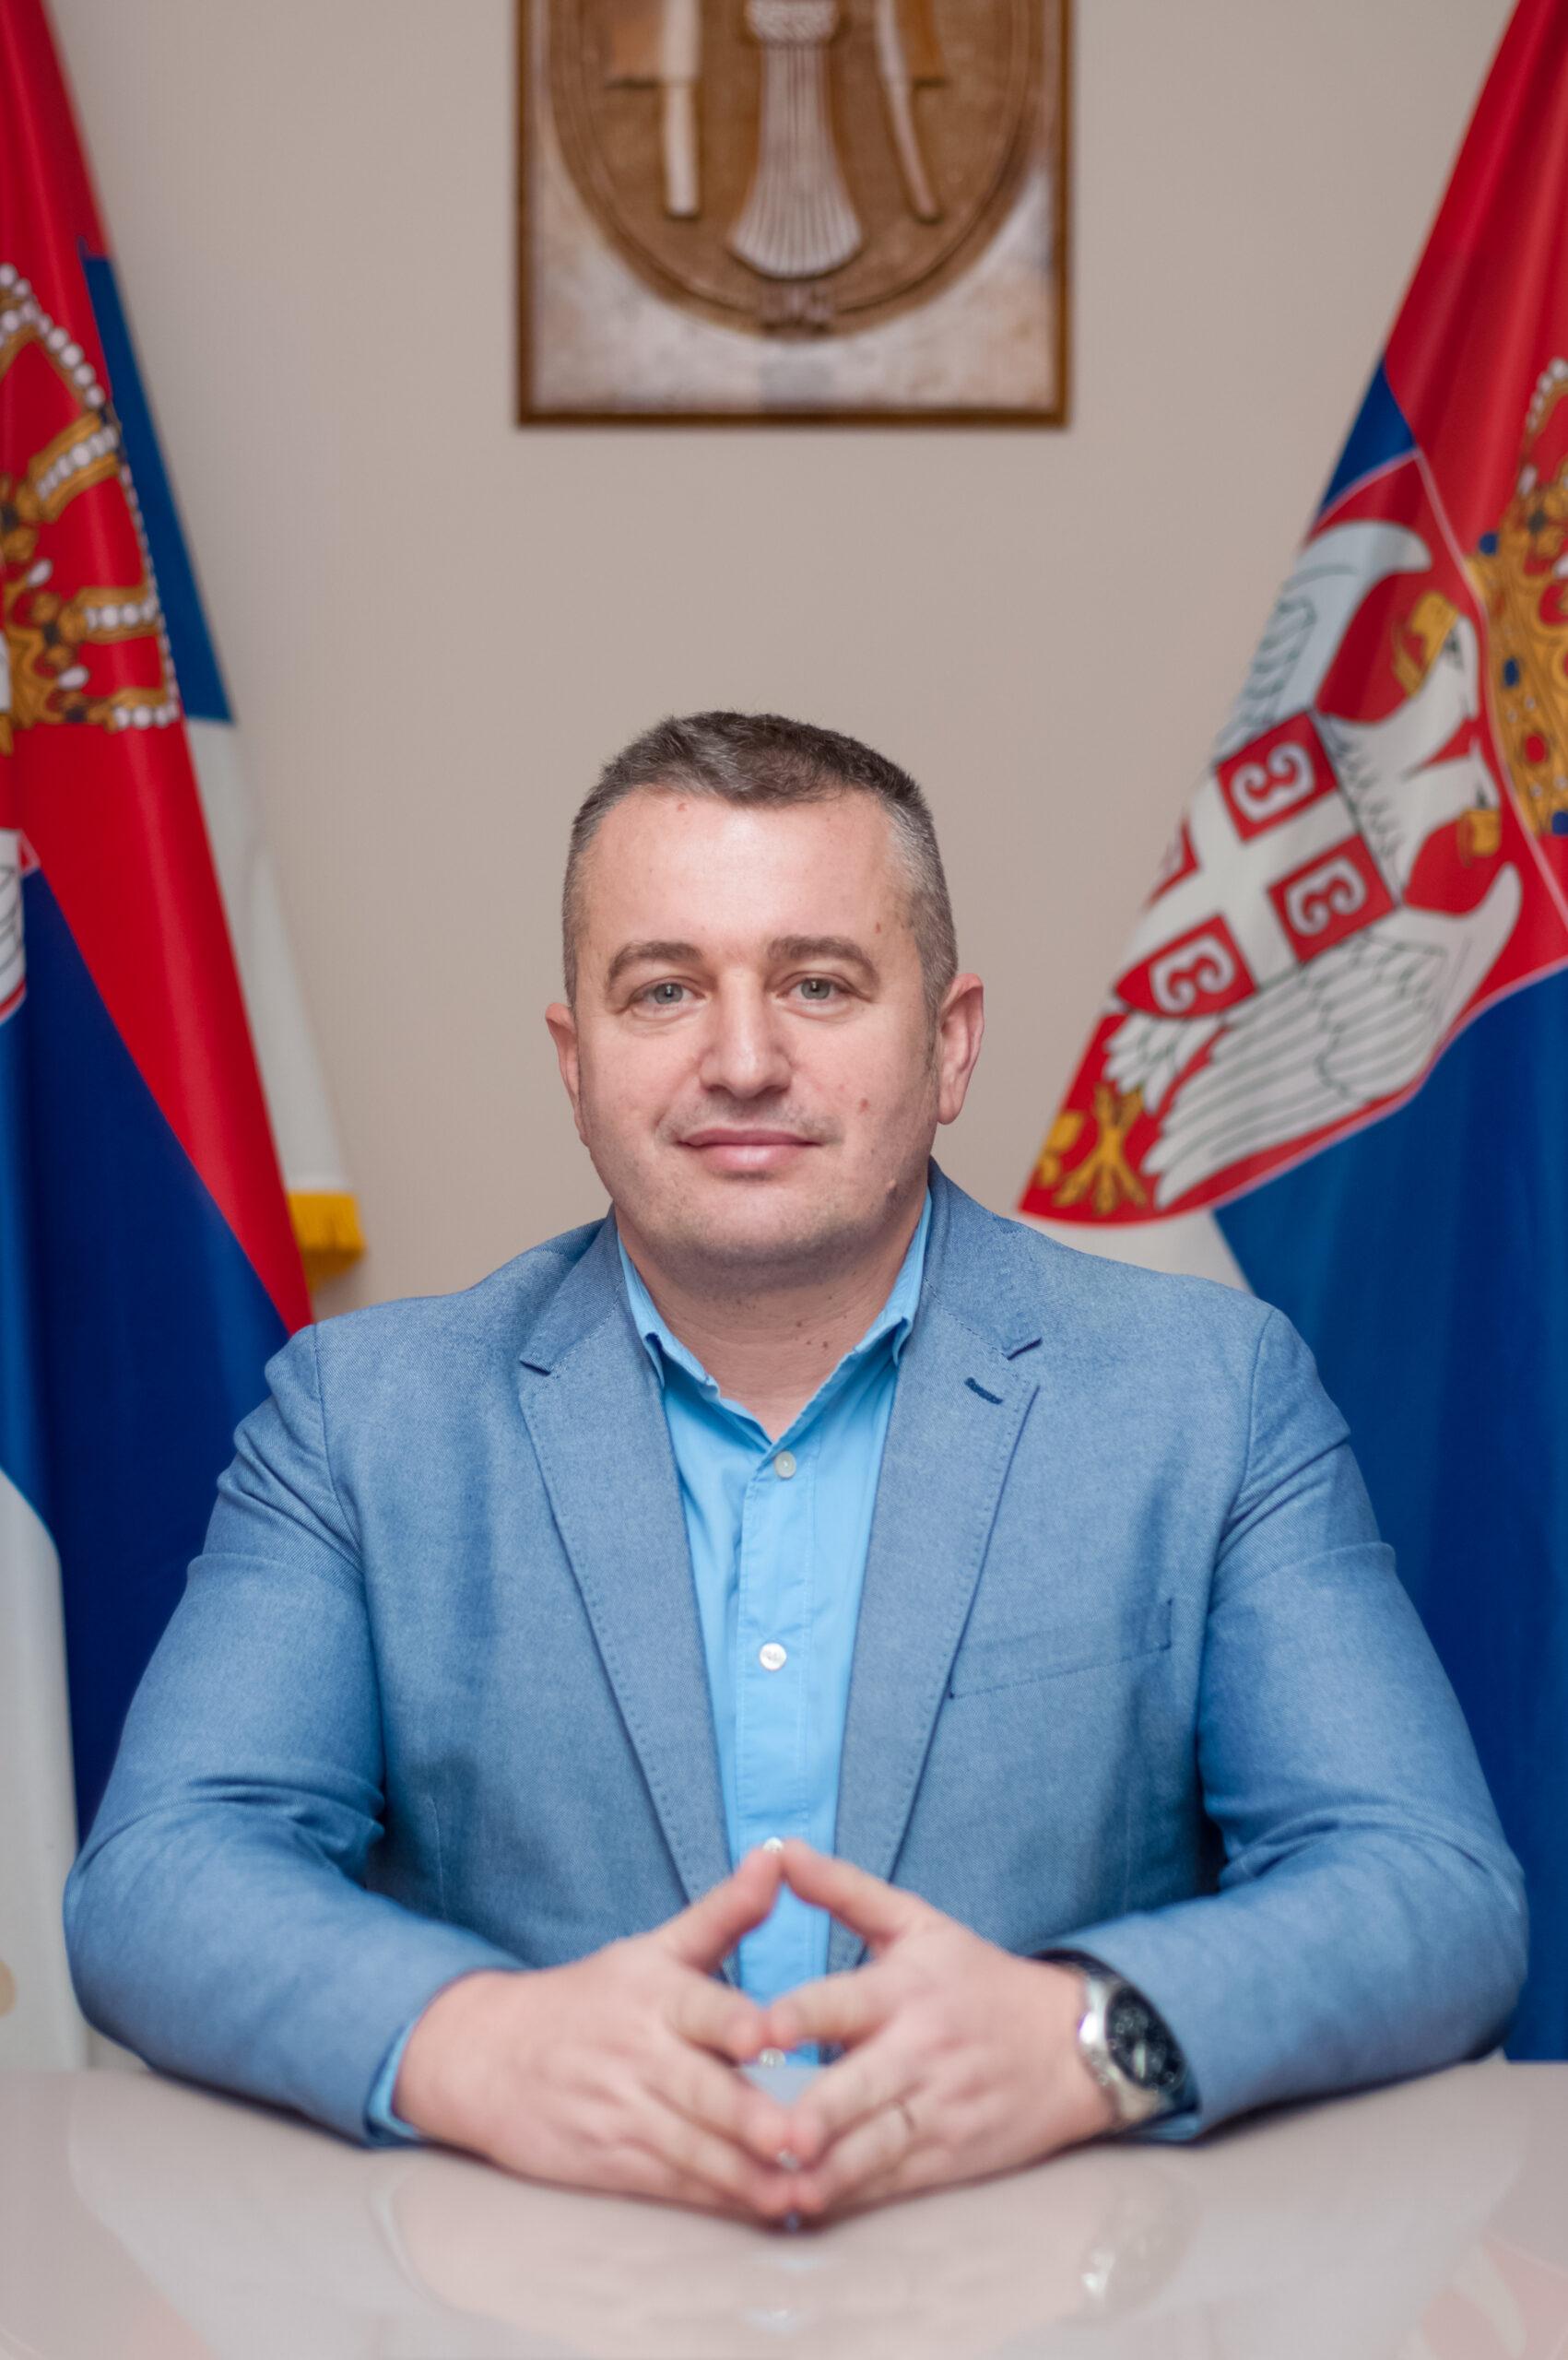 Дејан Логарушић